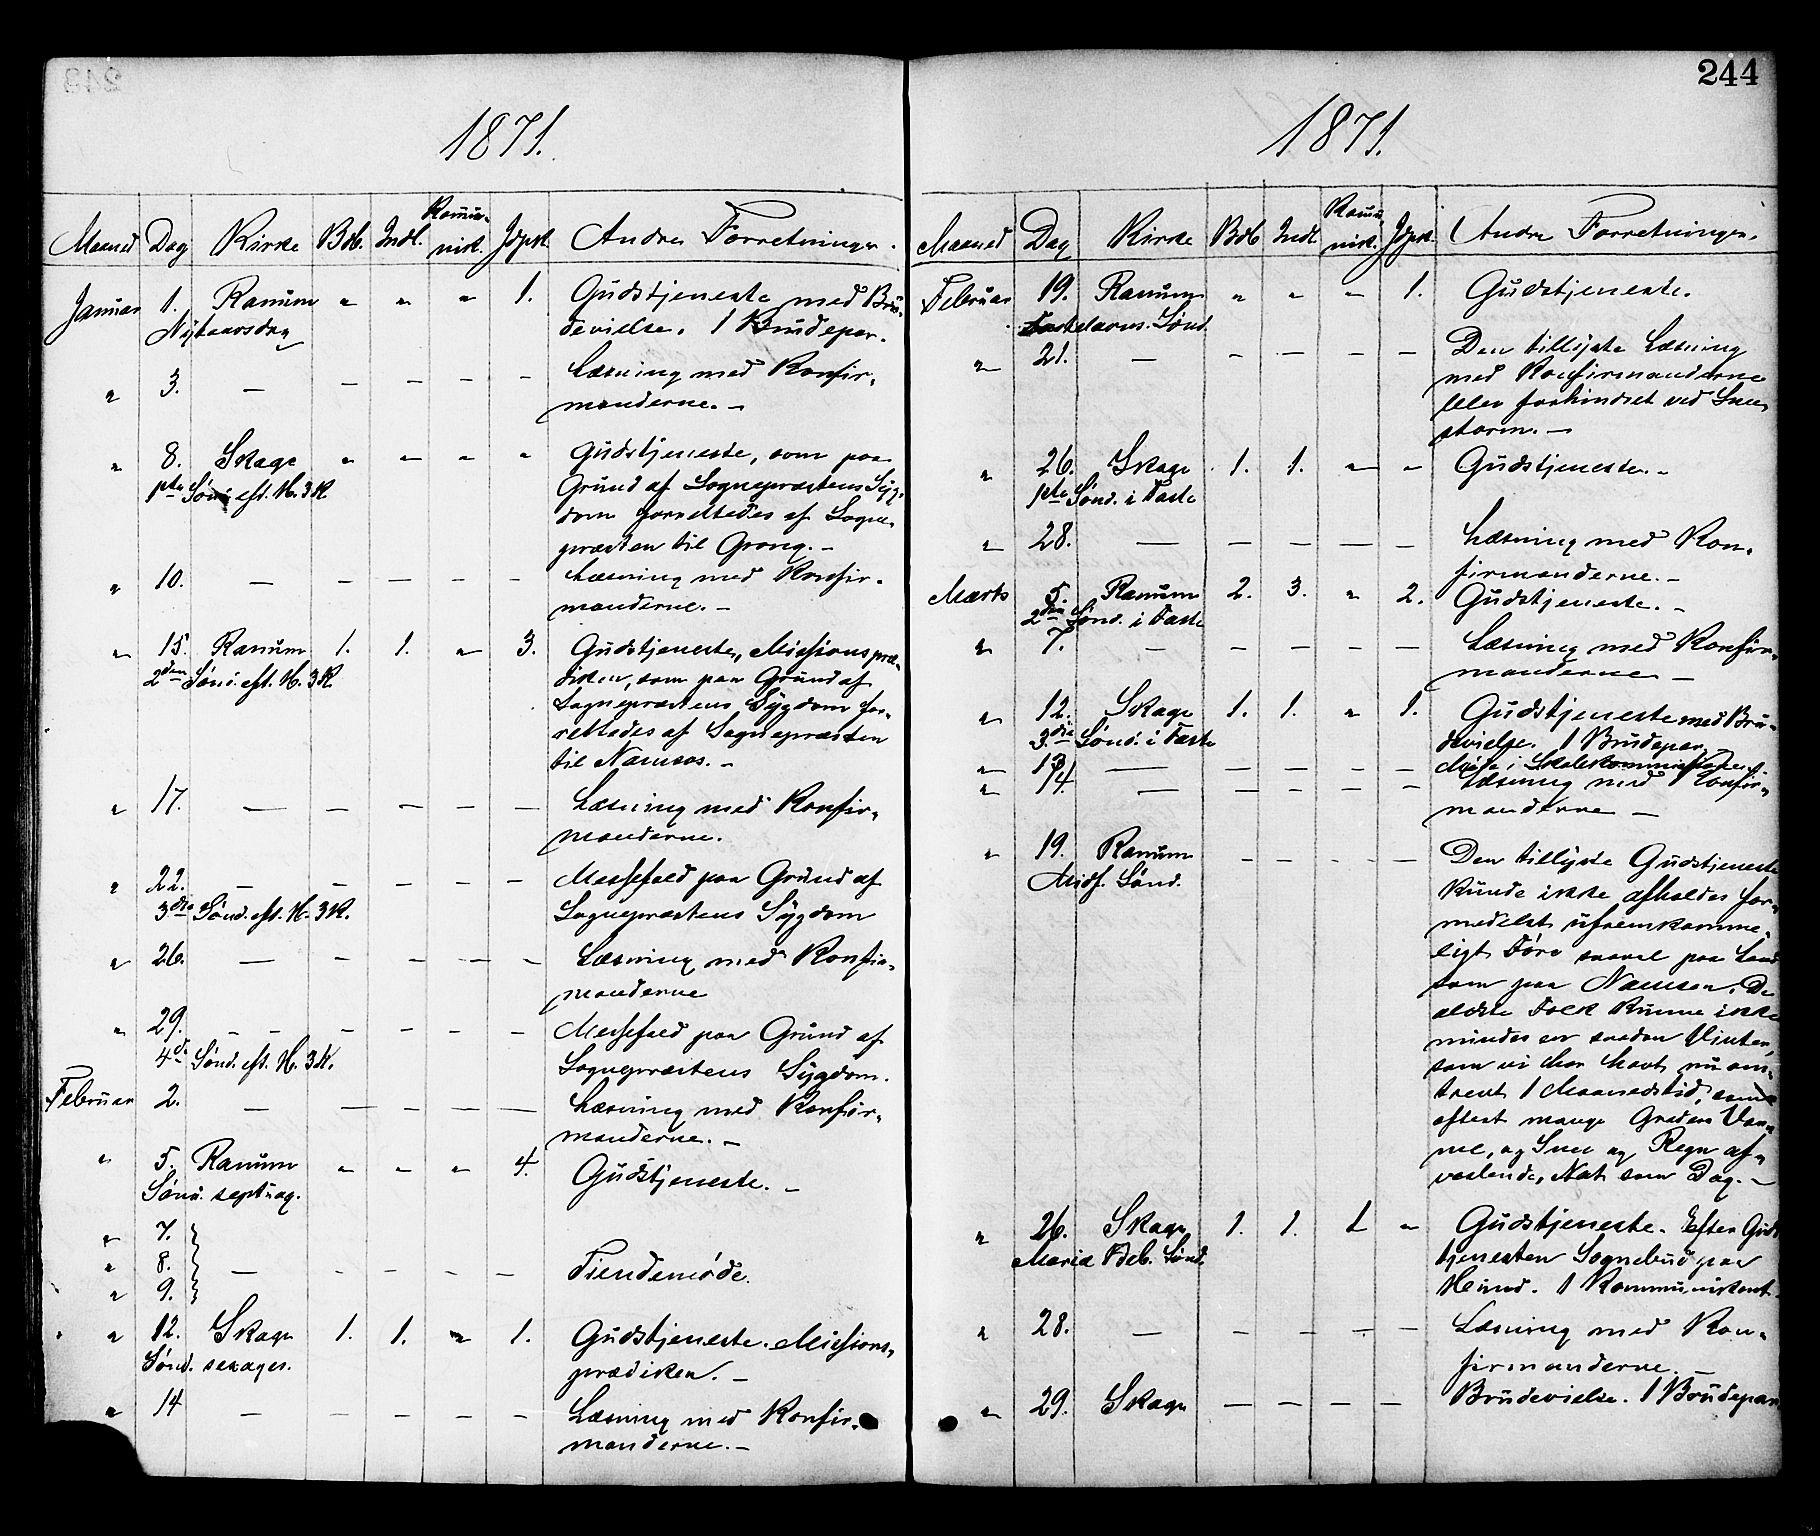 SAT, Ministerialprotokoller, klokkerbøker og fødselsregistre - Nord-Trøndelag, 764/L0554: Ministerialbok nr. 764A09, 1867-1880, s. 244